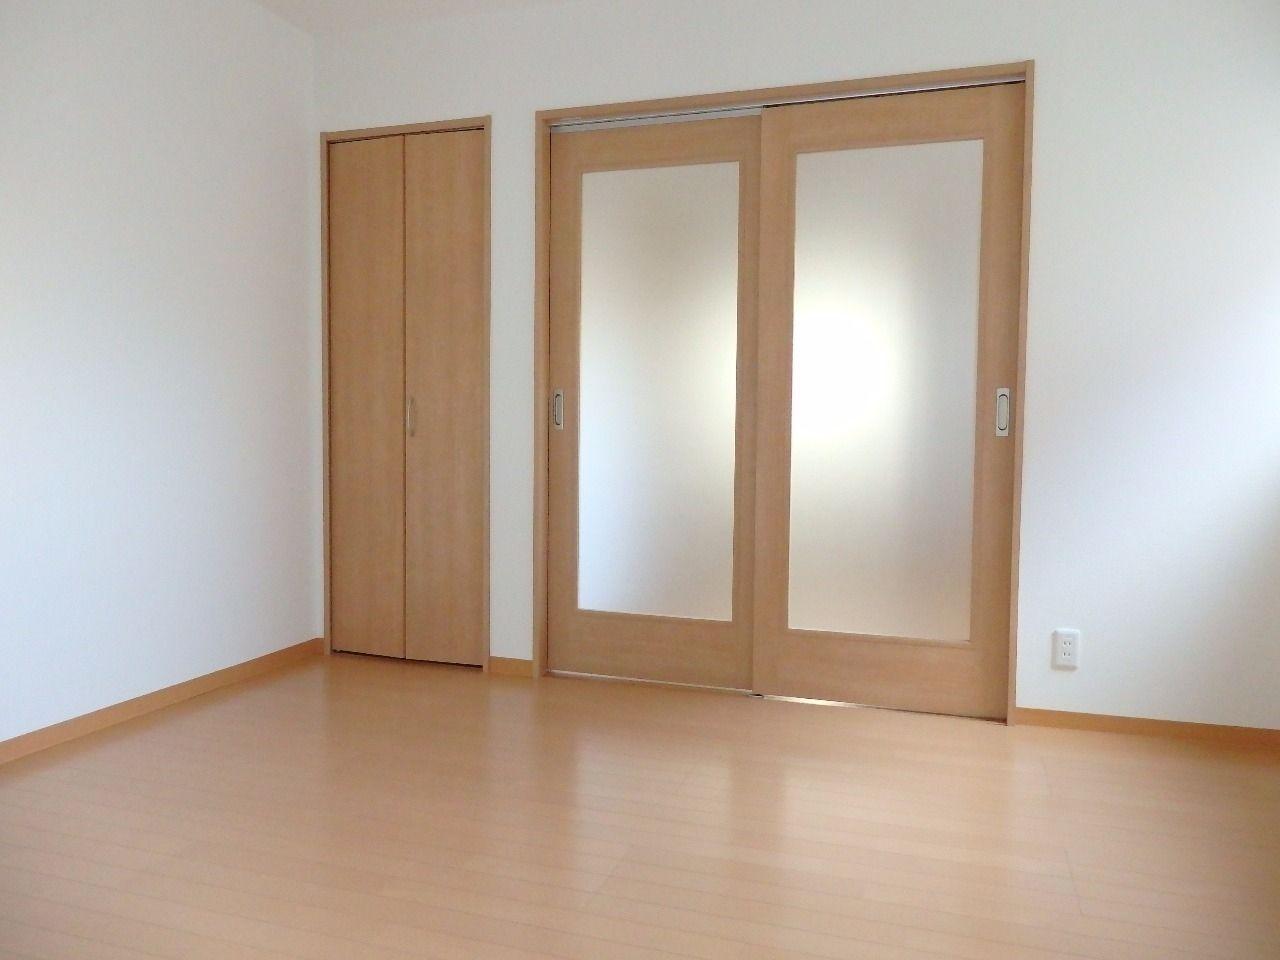 引き戸ダンパーがどの扉にも使用しているので静かに安全に閉まります。